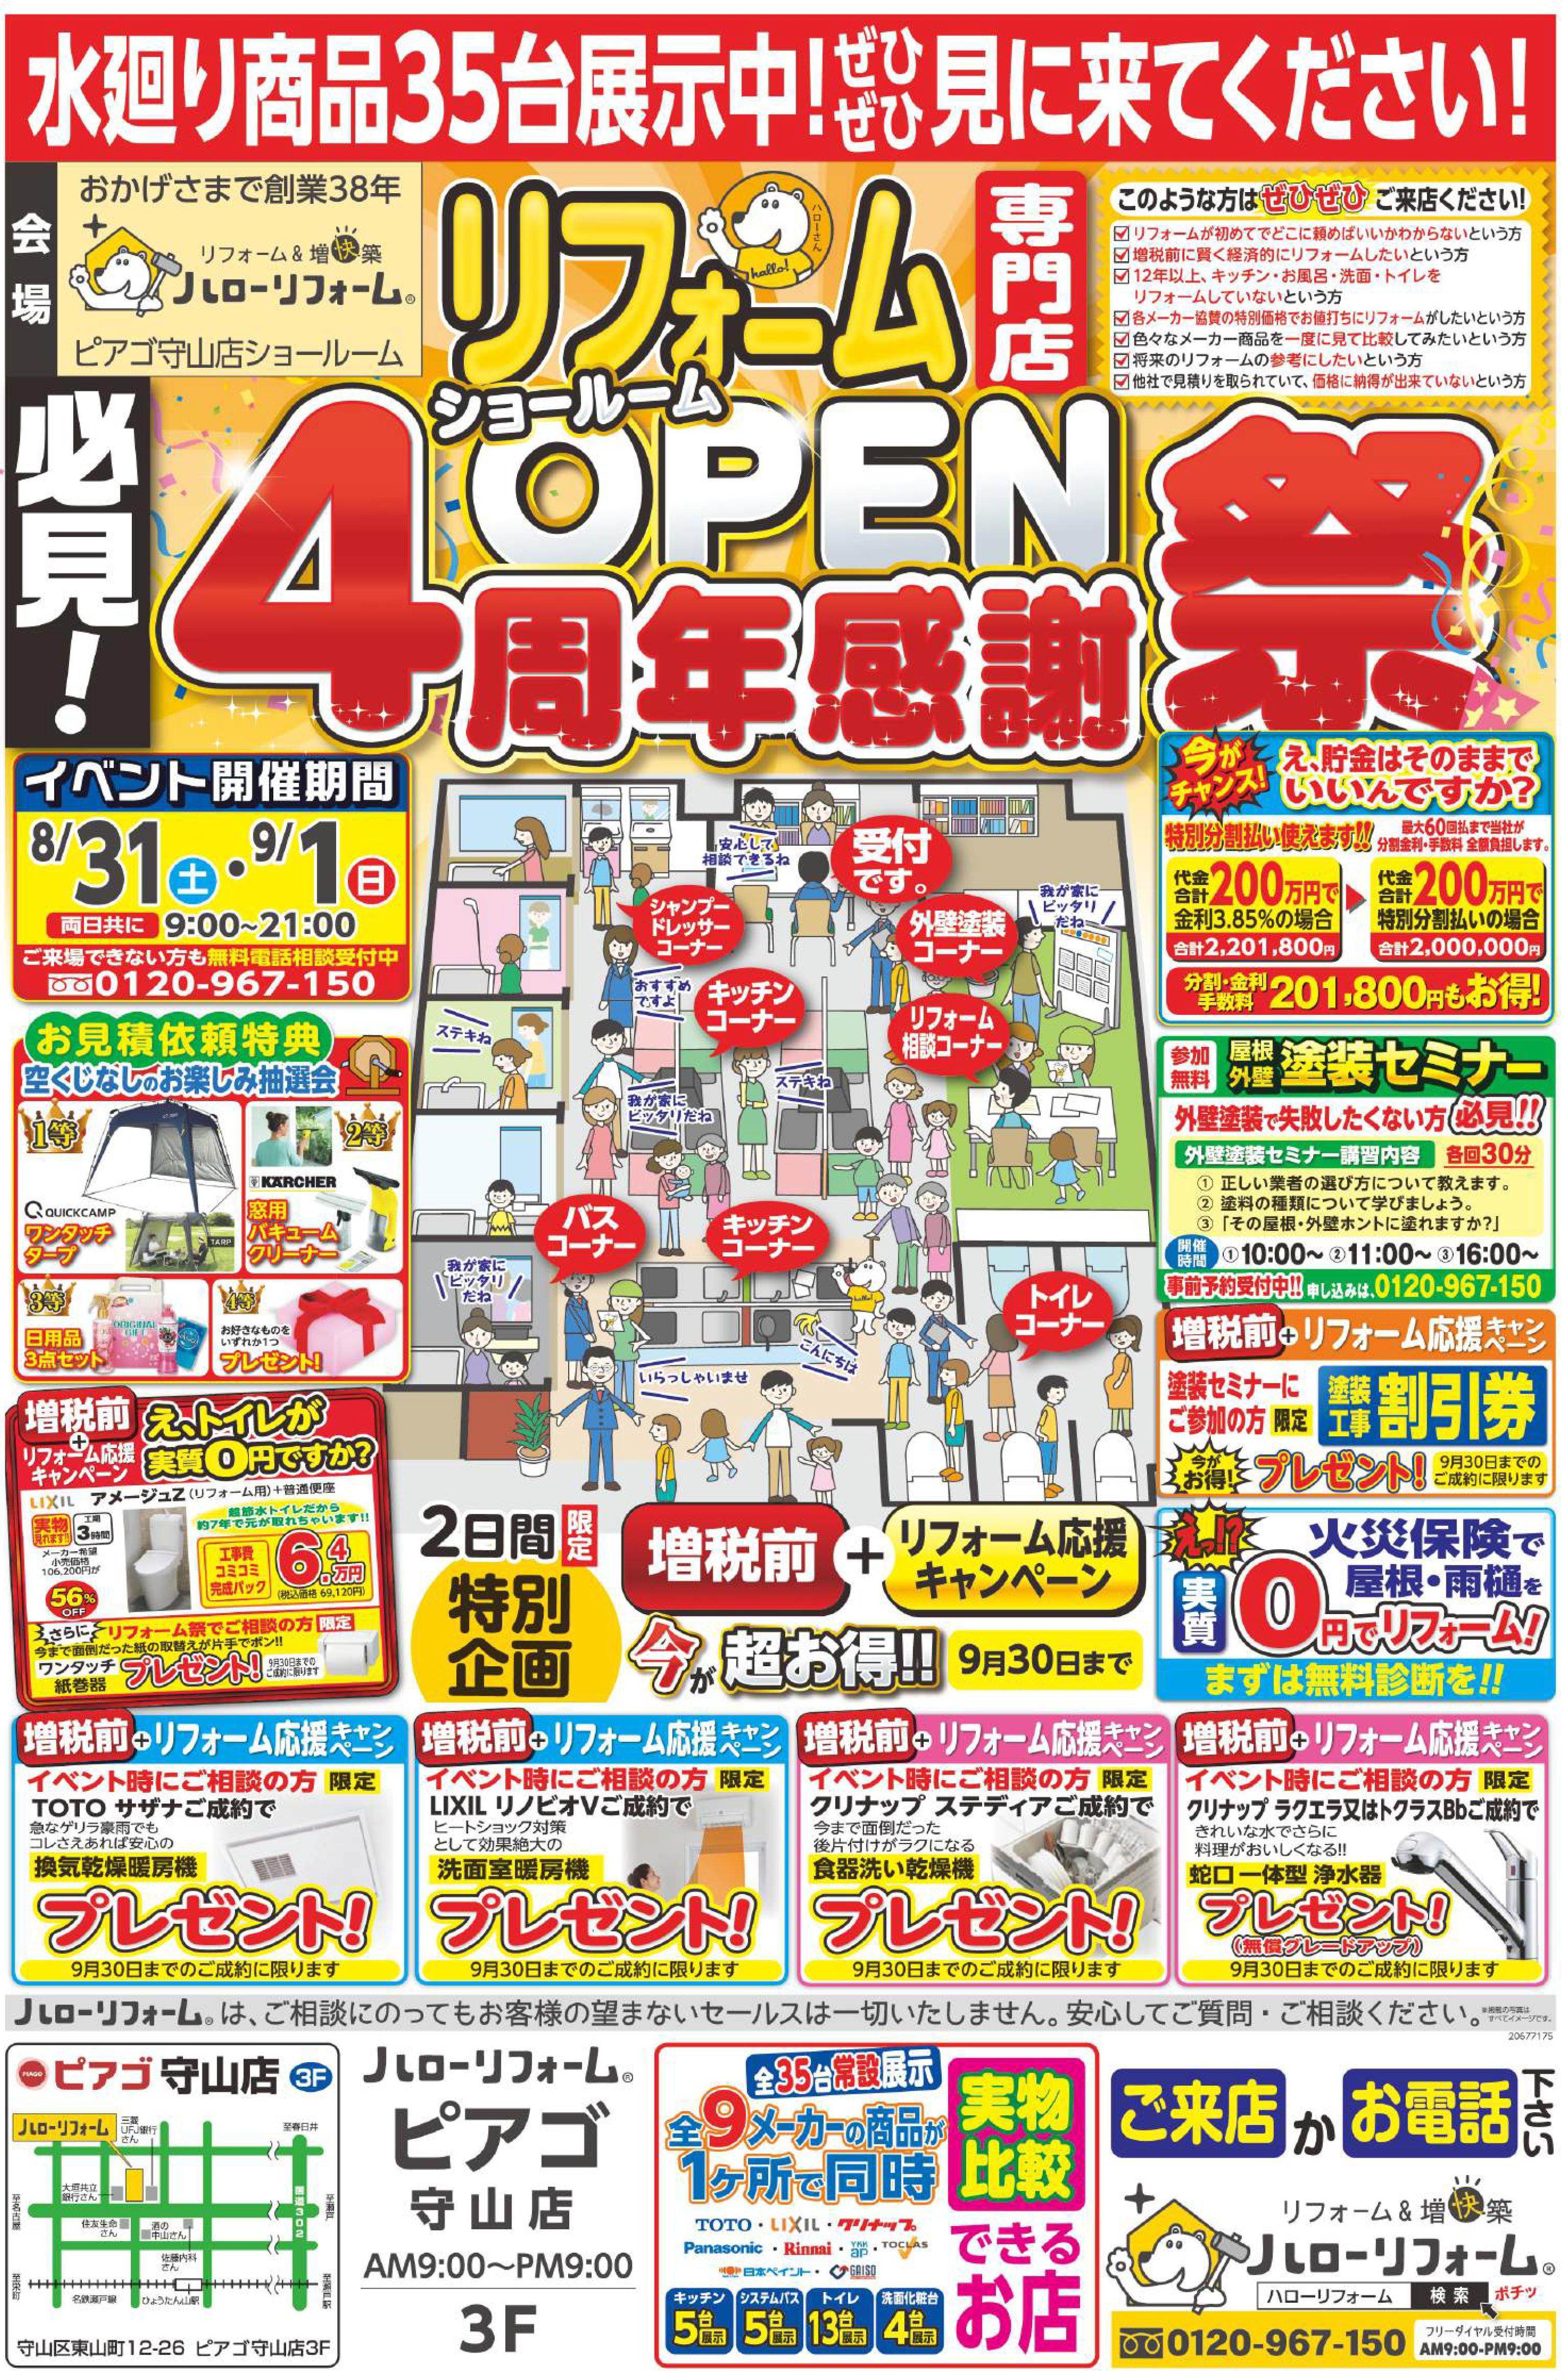 ショールームオープン感謝祭(ピアゴ守山店)